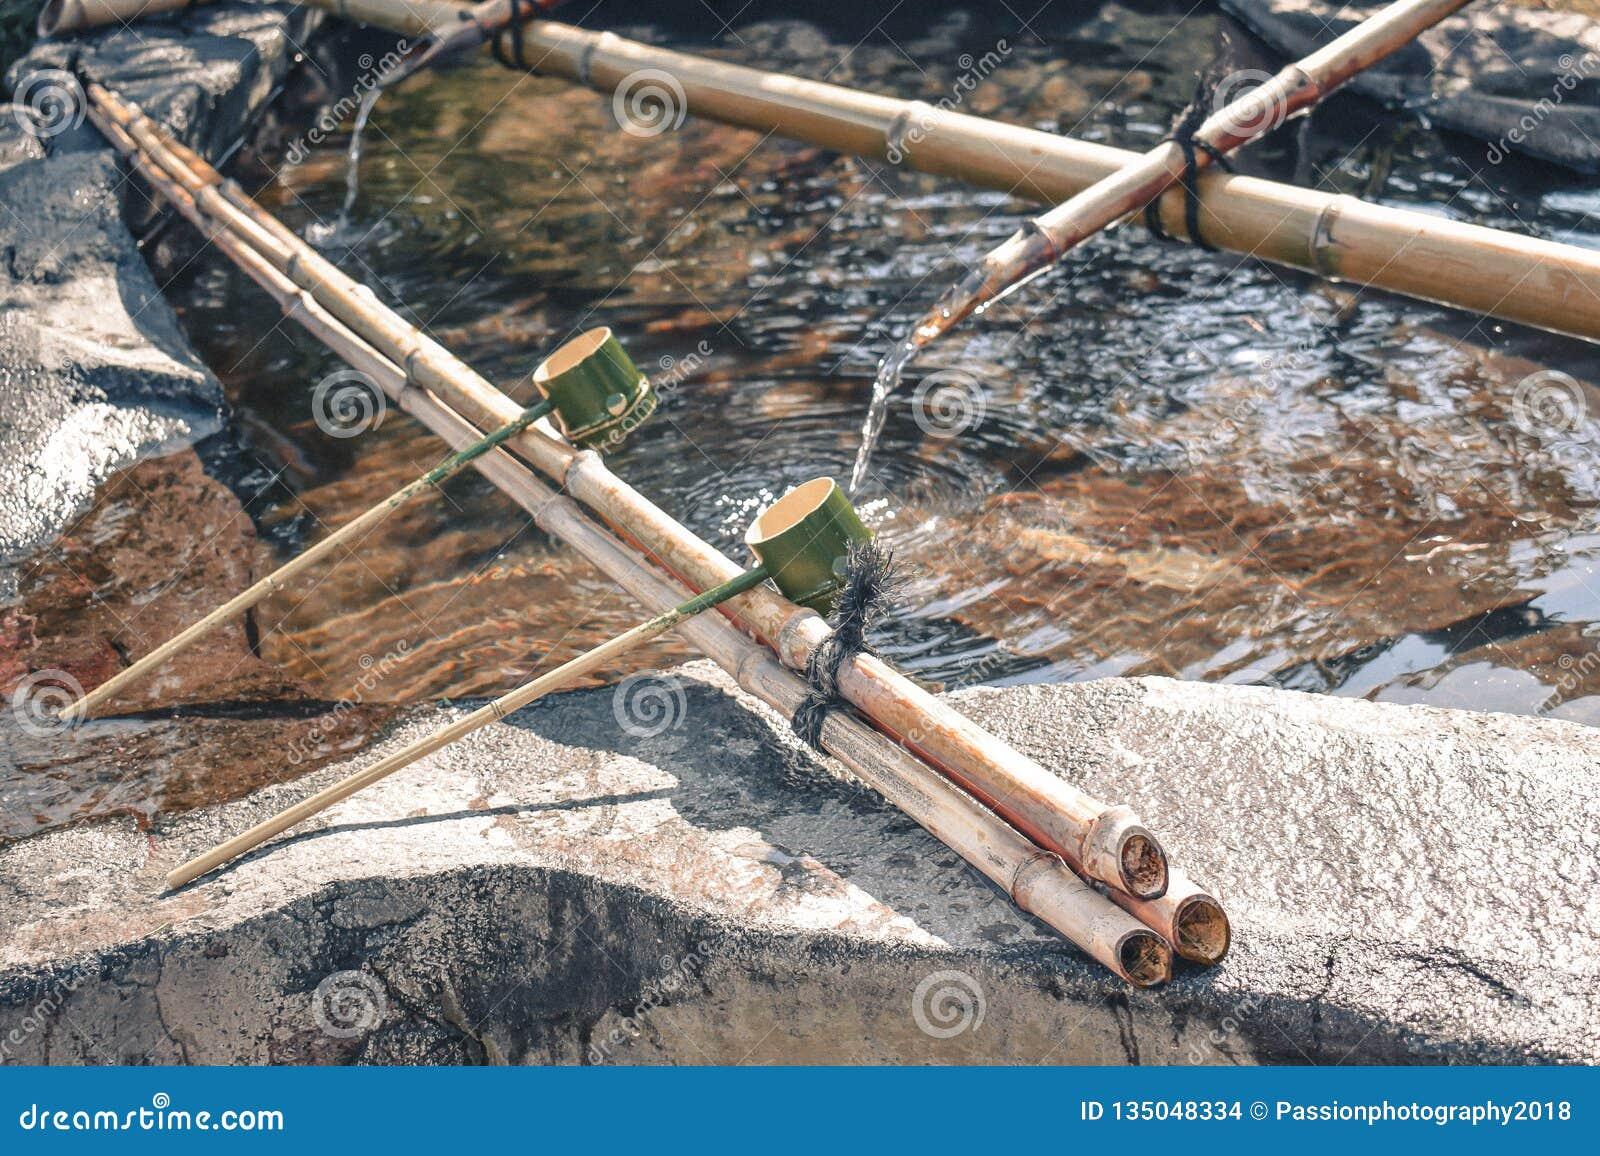 As conchas de bambu cerimoniais japonesas tradicionais usadas a eram mãos antes de entrar no templo